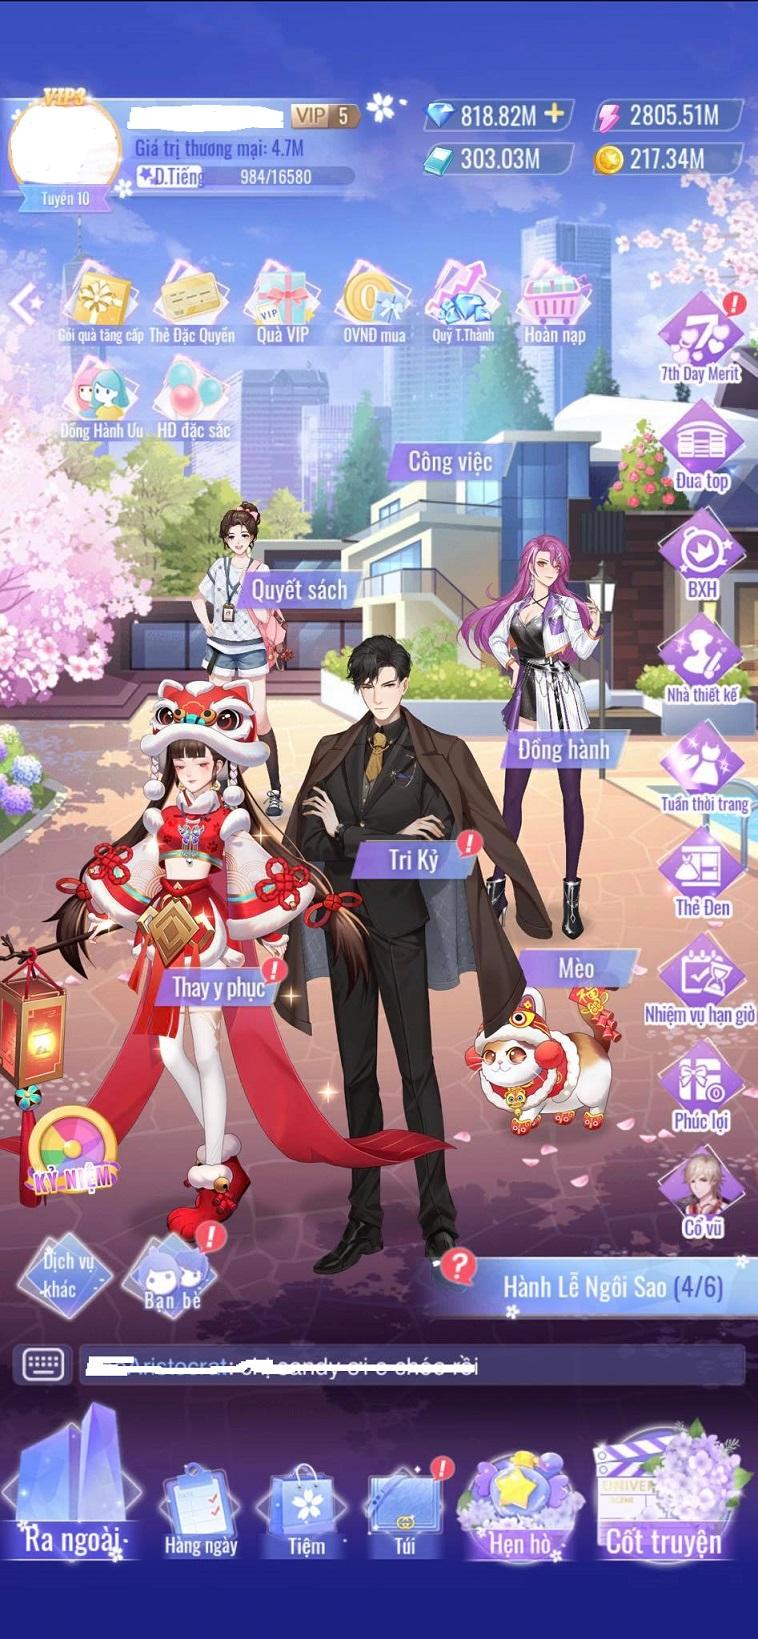 Cách bug game Ngôi Sao Lấp Lánh mới nhất 186511852_2425911337553694_2884162171844621587_n